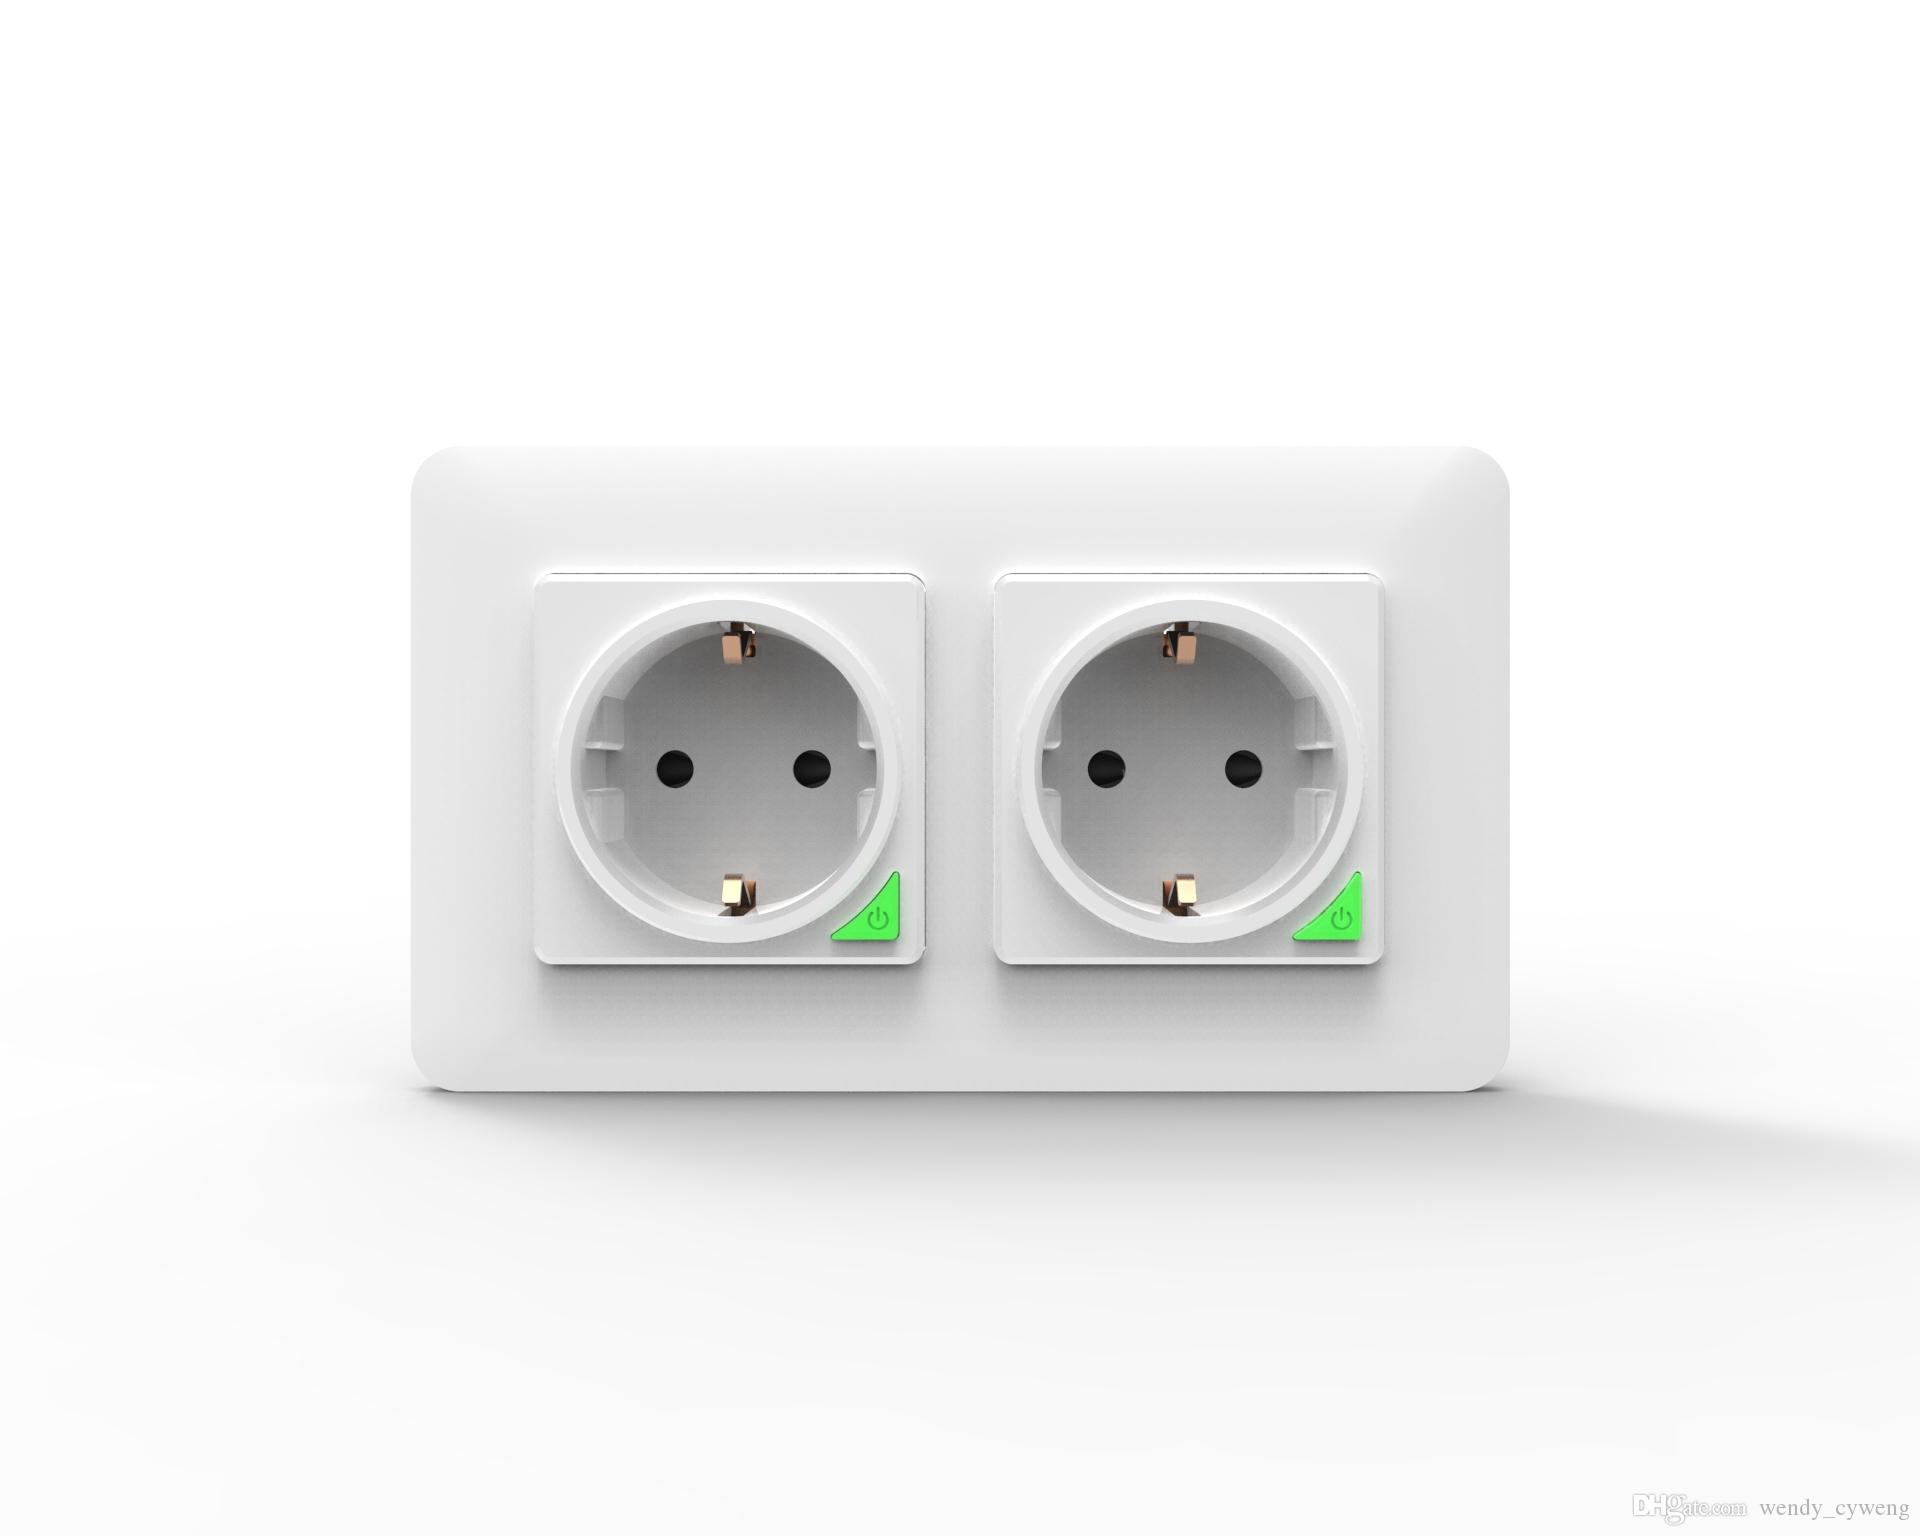 Wi-Fi inteligente energía de la pared del zócalo, 2plugs tipo UE 86 modelo de energía de la pared del enchufe (Voz / APP Control Remoto) 16 A una toma de corriente, no solicitó centro